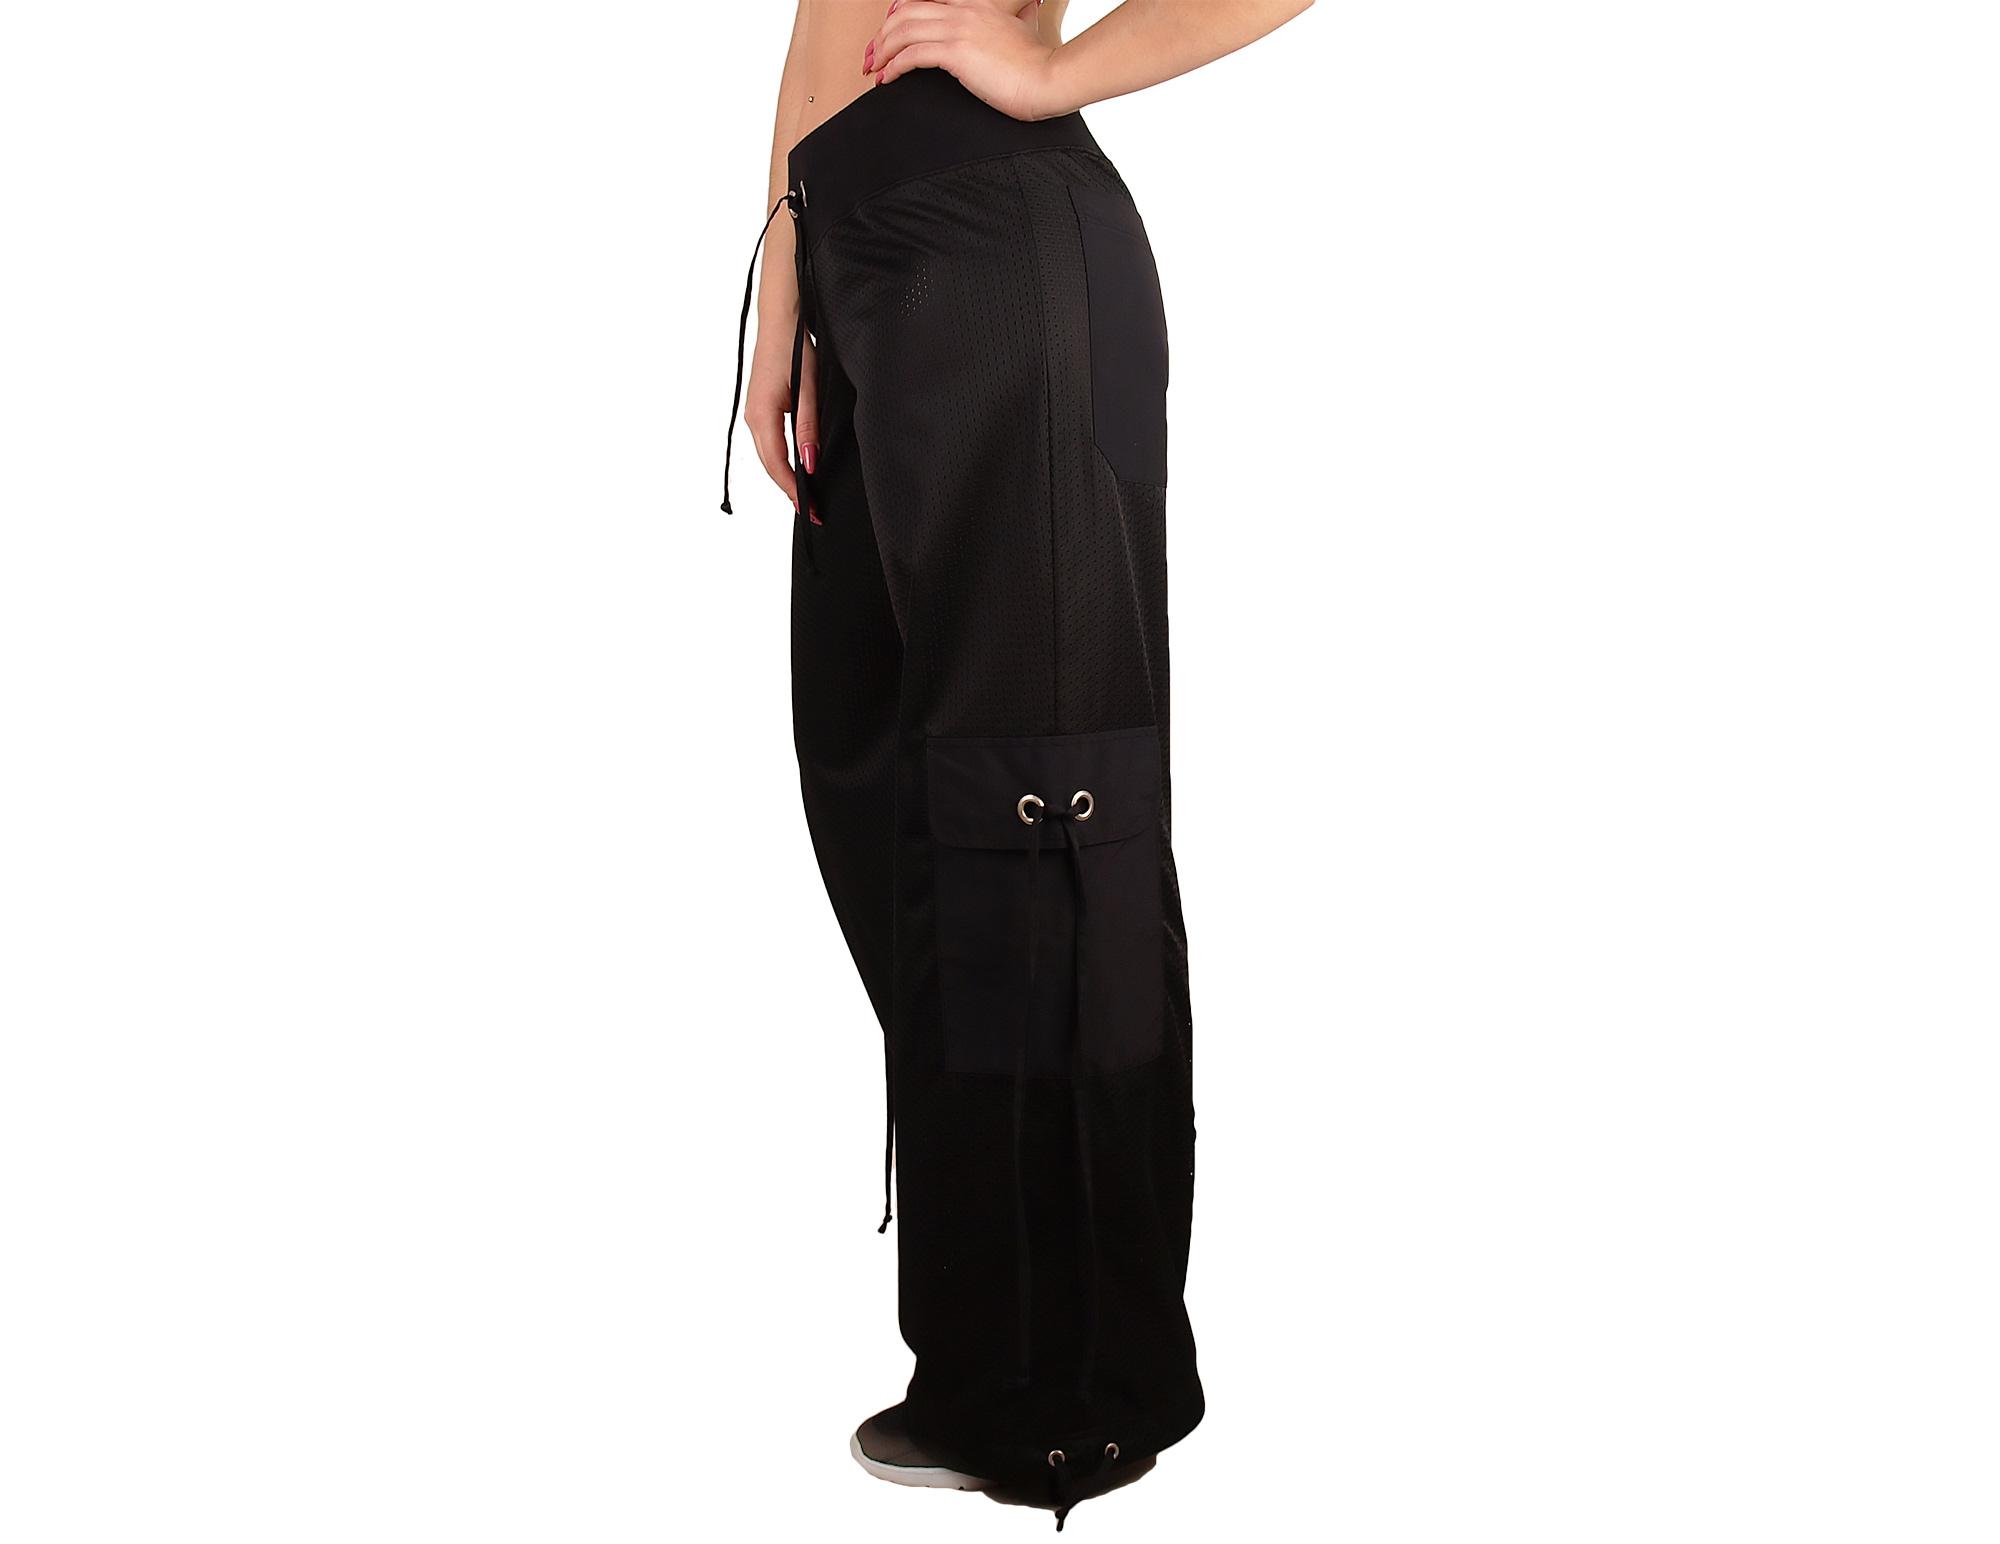 Pantalones deportivos de mujer, corte recto